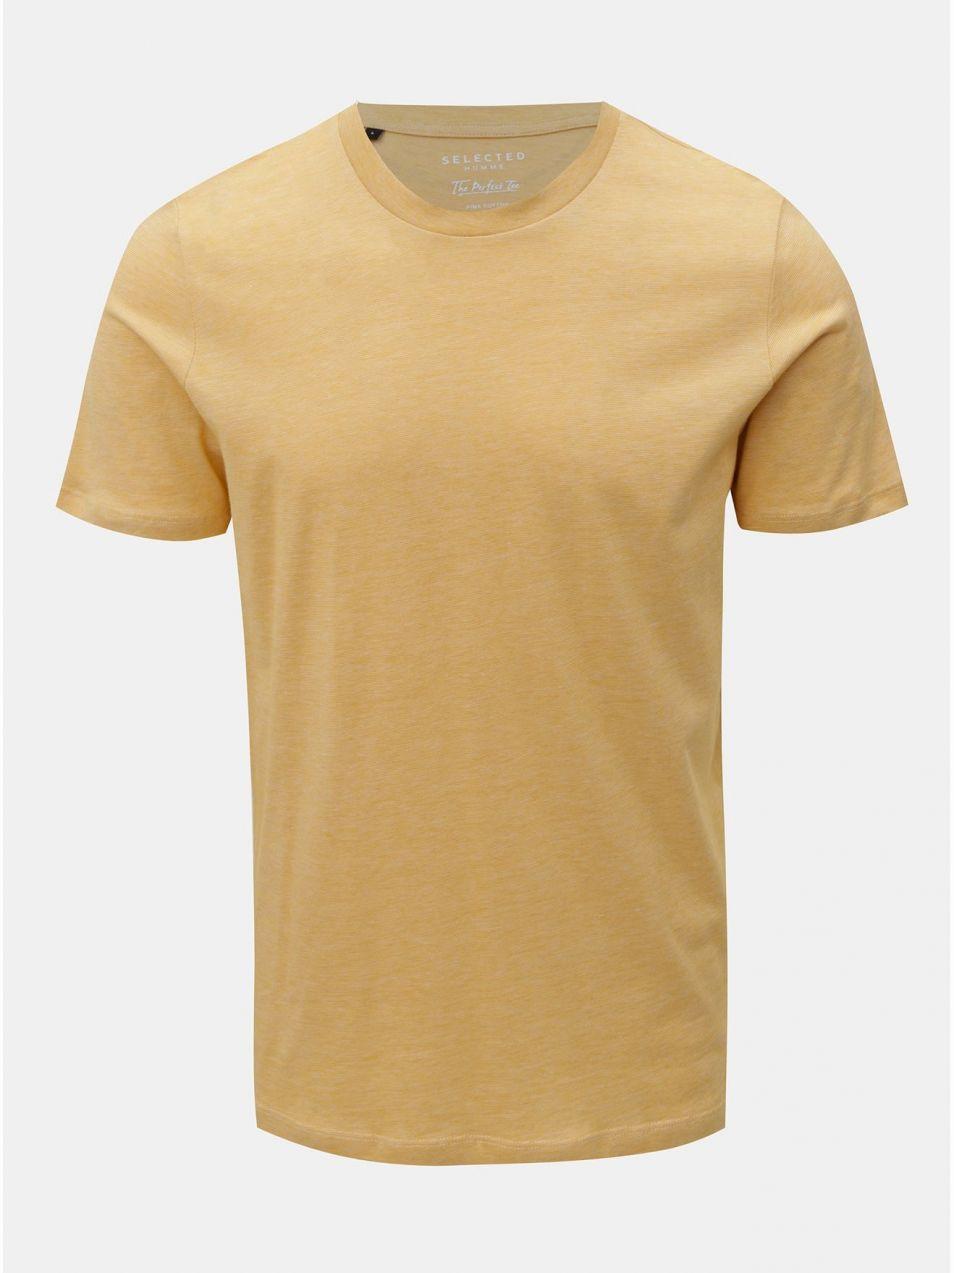 601d7a0b9de4 Žlté melírované tričko s krátkym rukávom Selected Homme Perfect ...